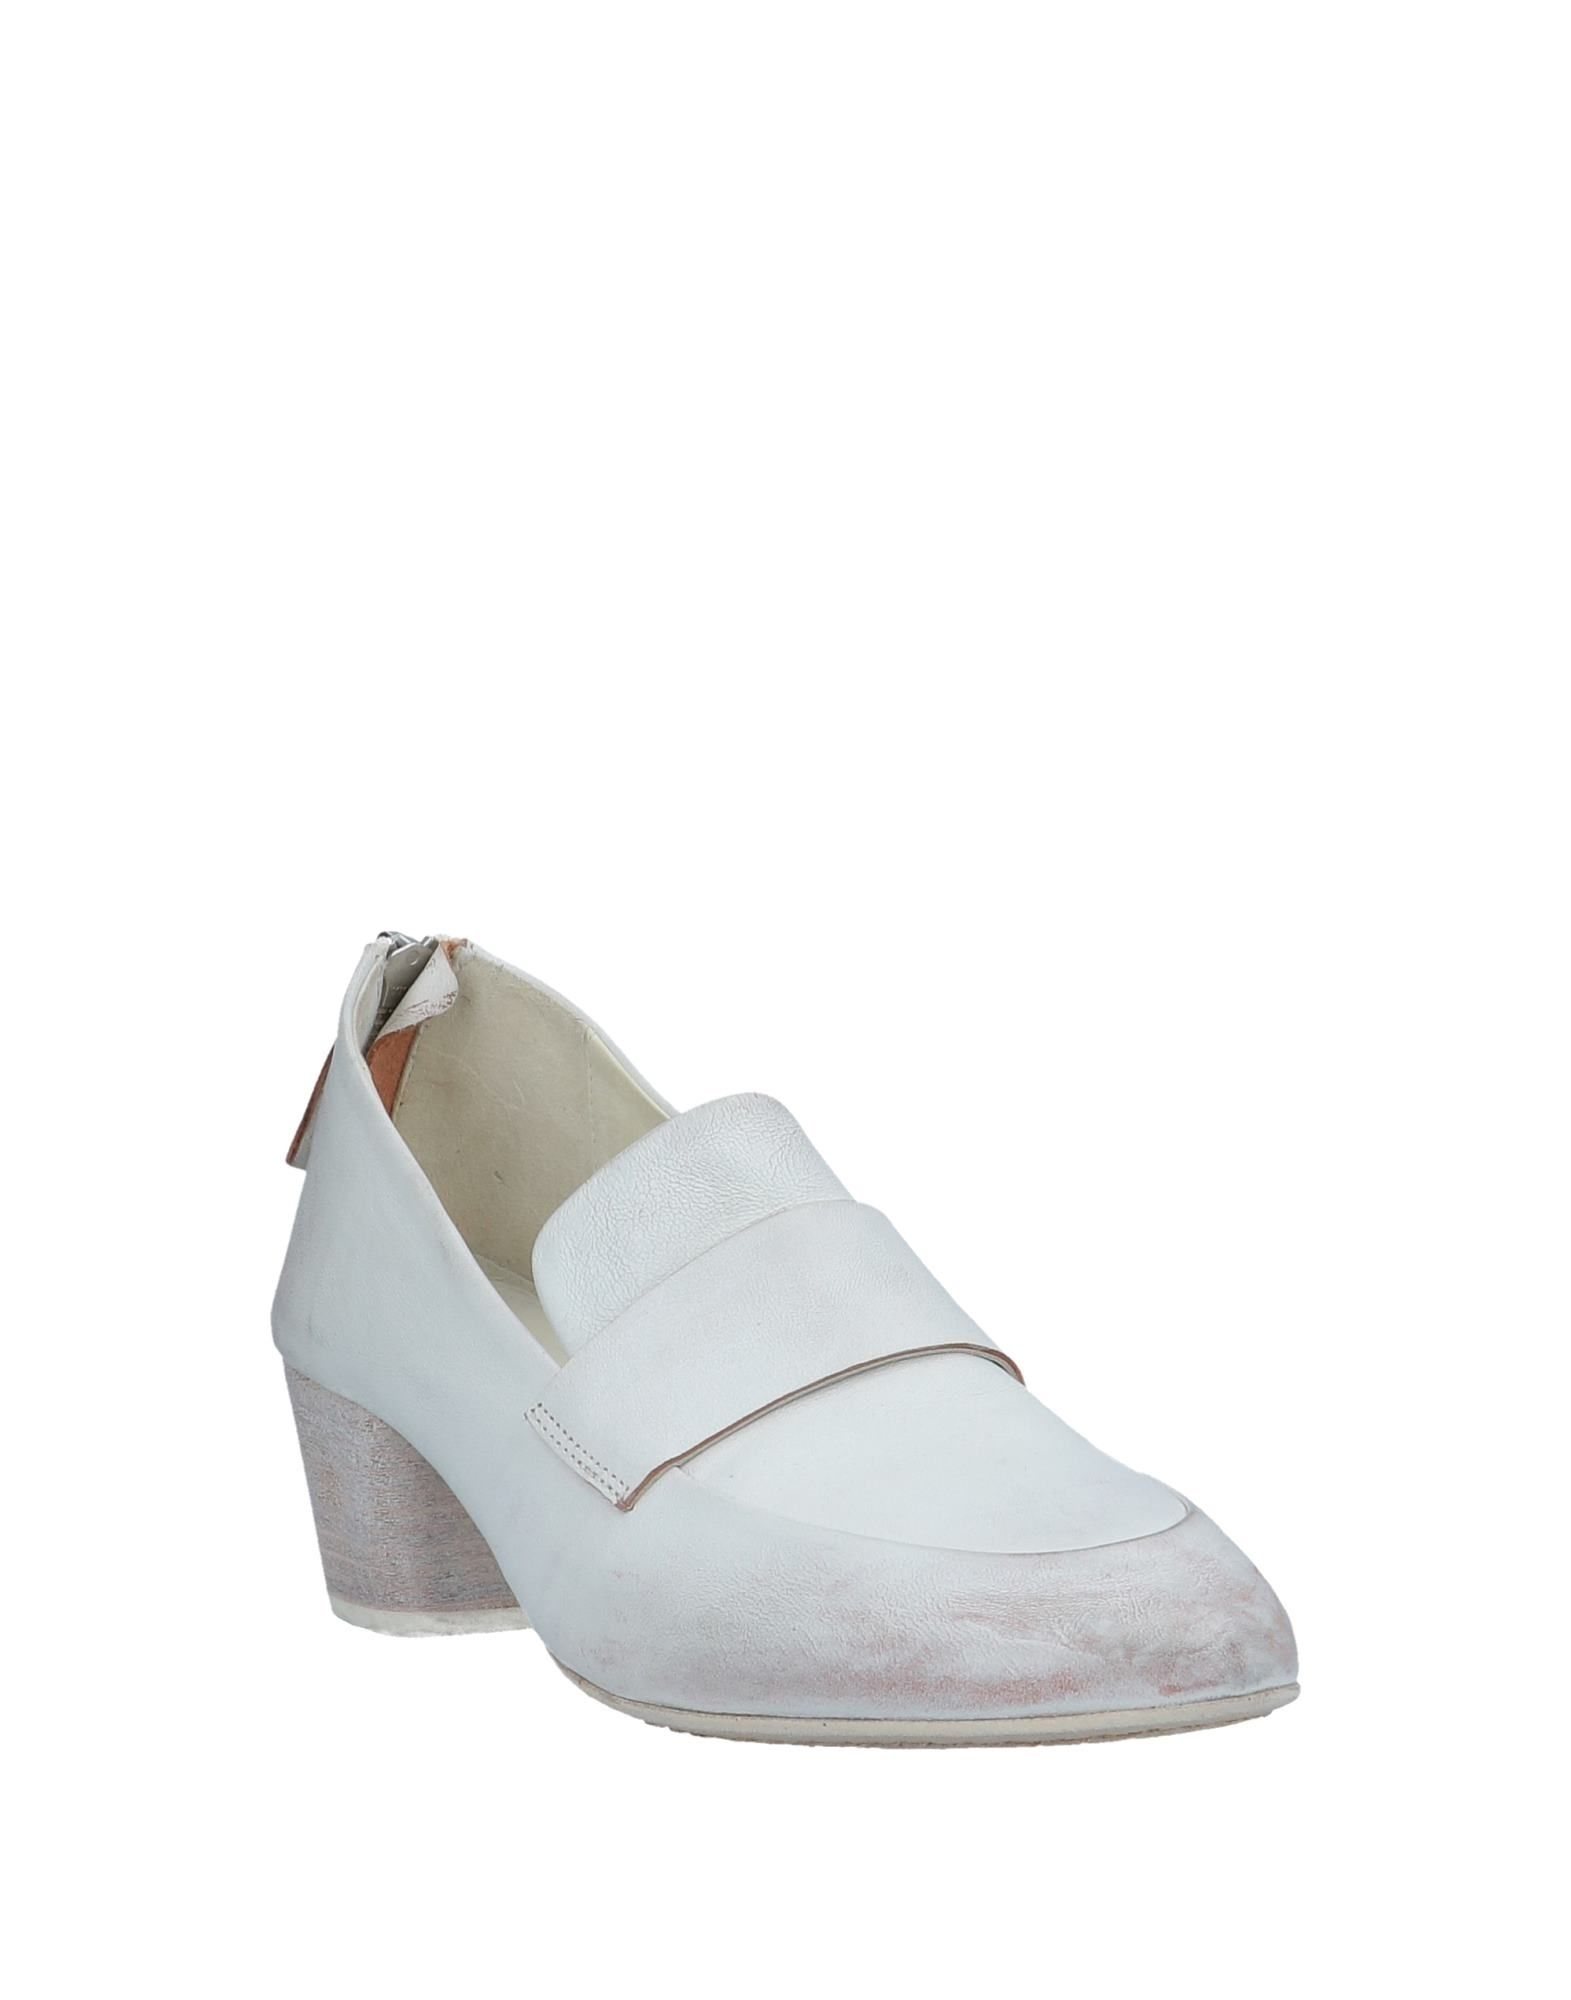 Marsèll Mokassins Damen gut  11504990PJGünstige gut Damen aussehende Schuhe 28754b